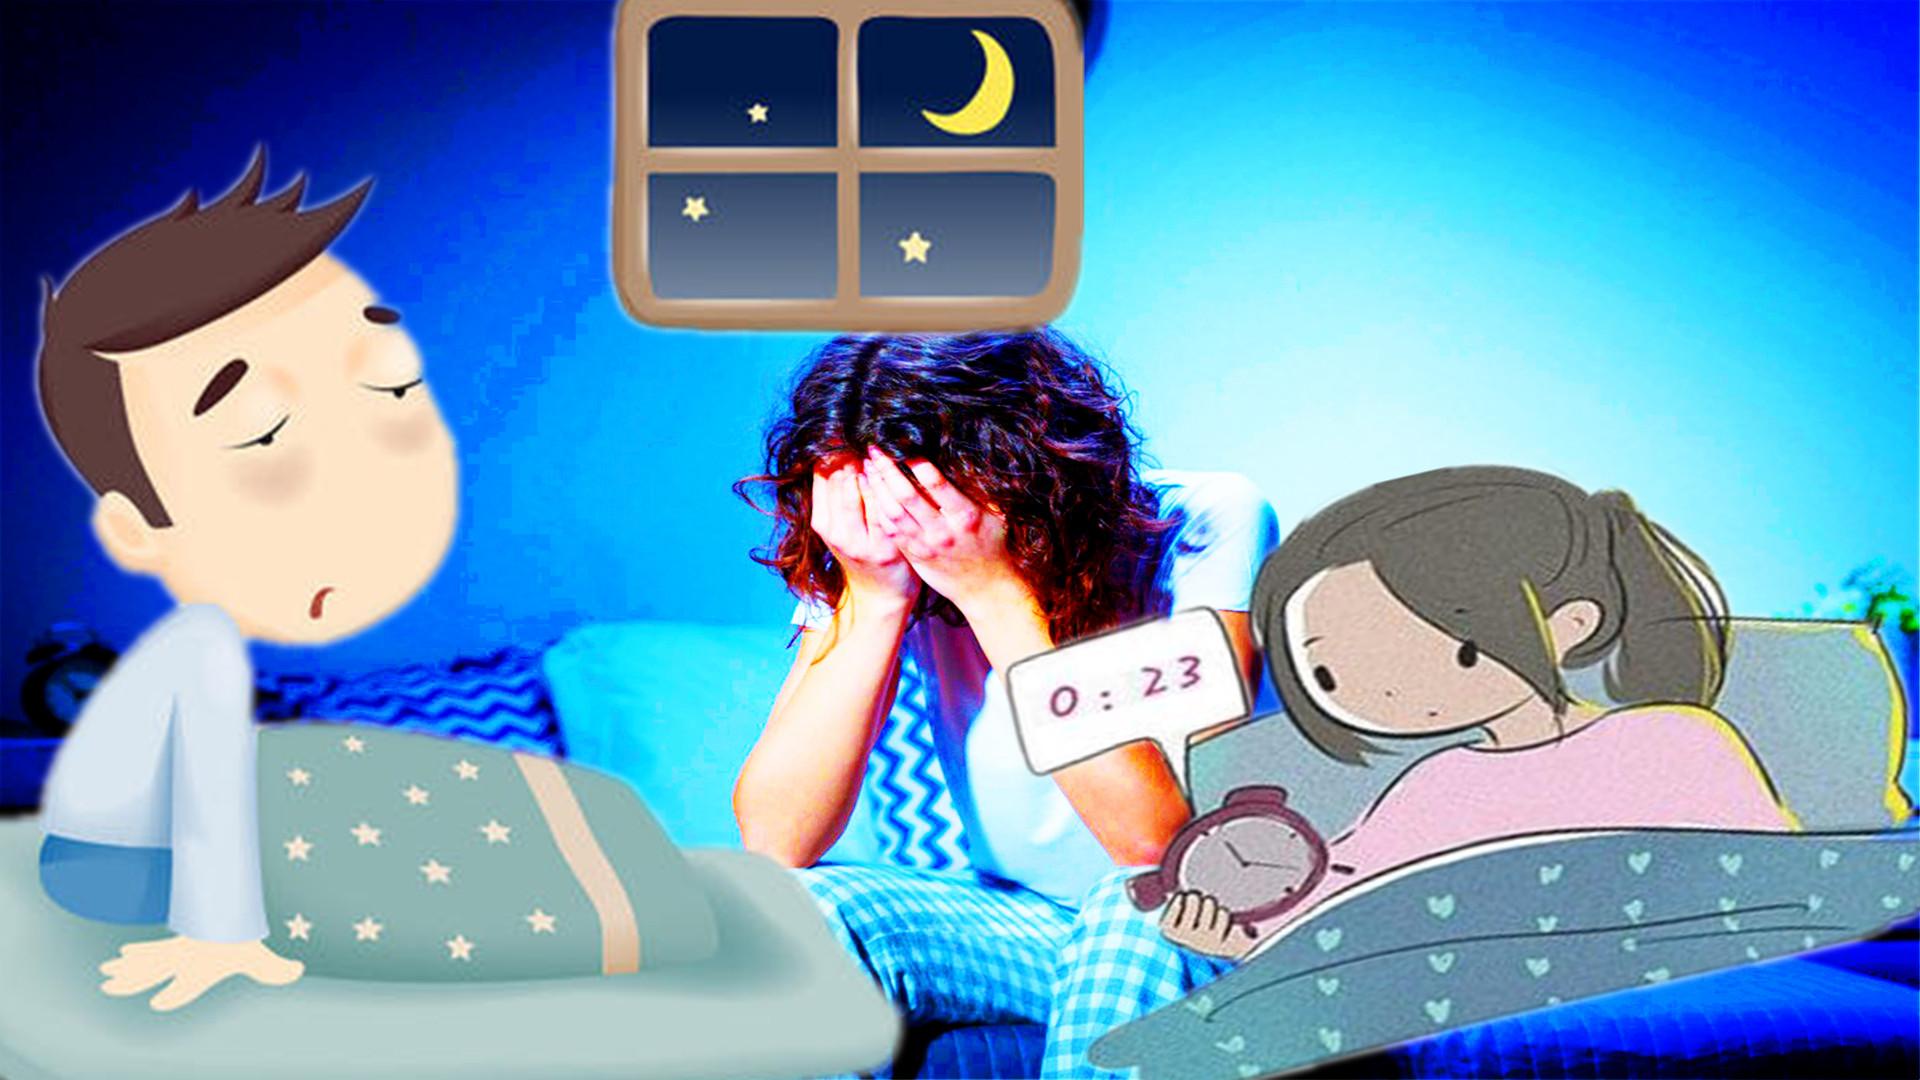 如何纠正恐惧睡眠的思维?失眠者分享成功经验,要植入正面的信念